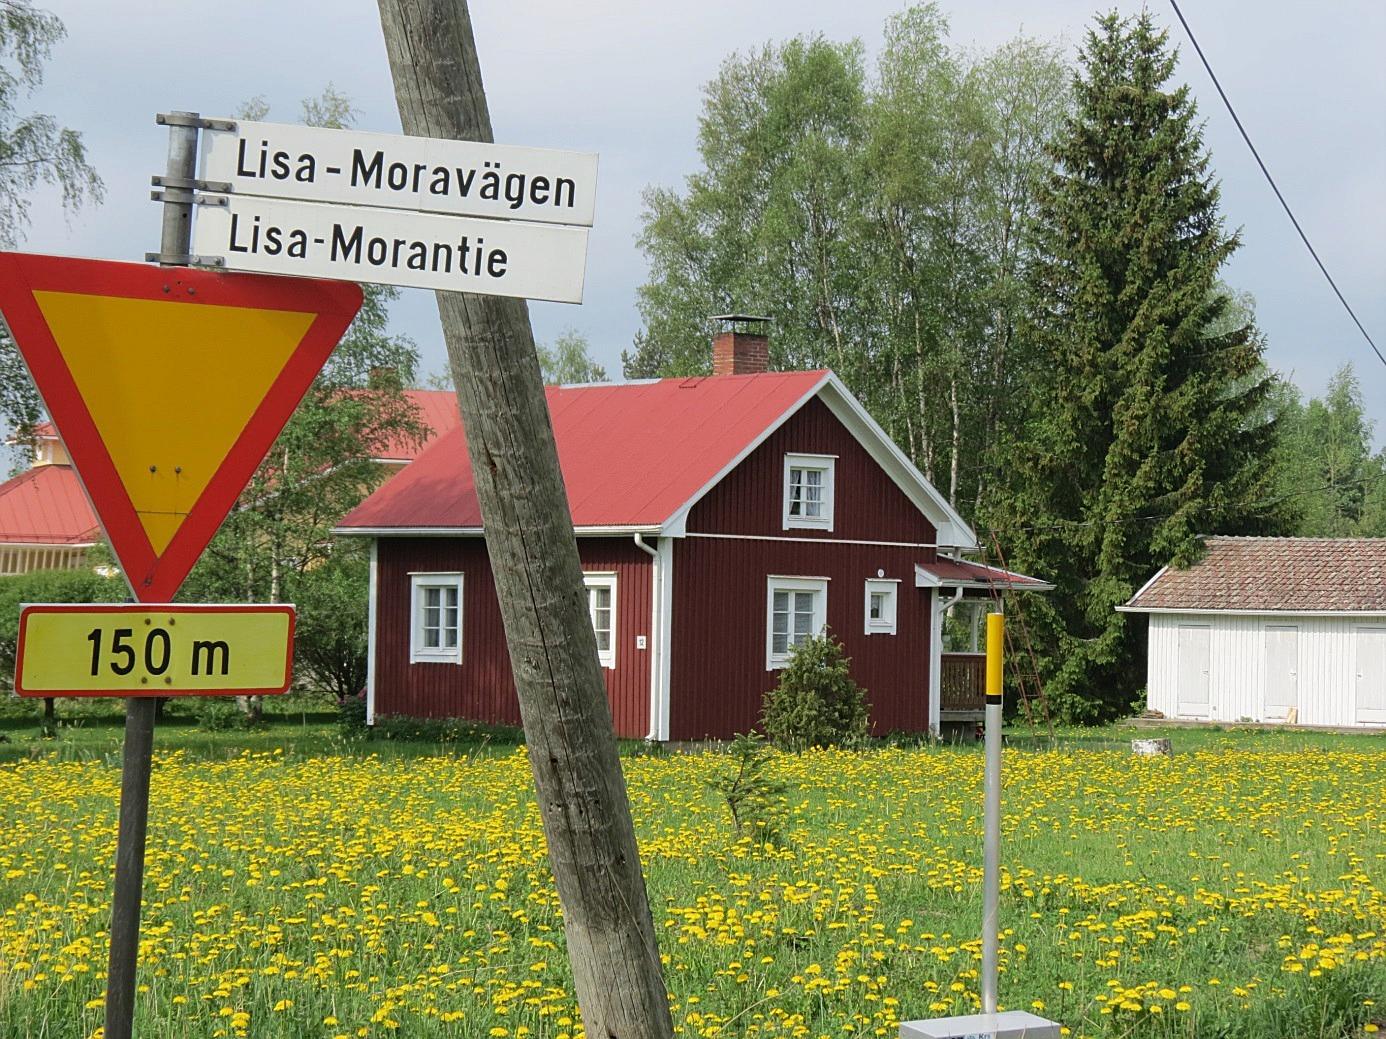 För att vårda minnet av Lisa-Mor har en väg blivit uppkallad efter henne. Den urgamla vägen som börjar i centrum av Dagsmark och går vidare till Storliden leder en besökare väldigt nära stenen. I bakgrunden till vänster skymtar föreningshuset Majbo.